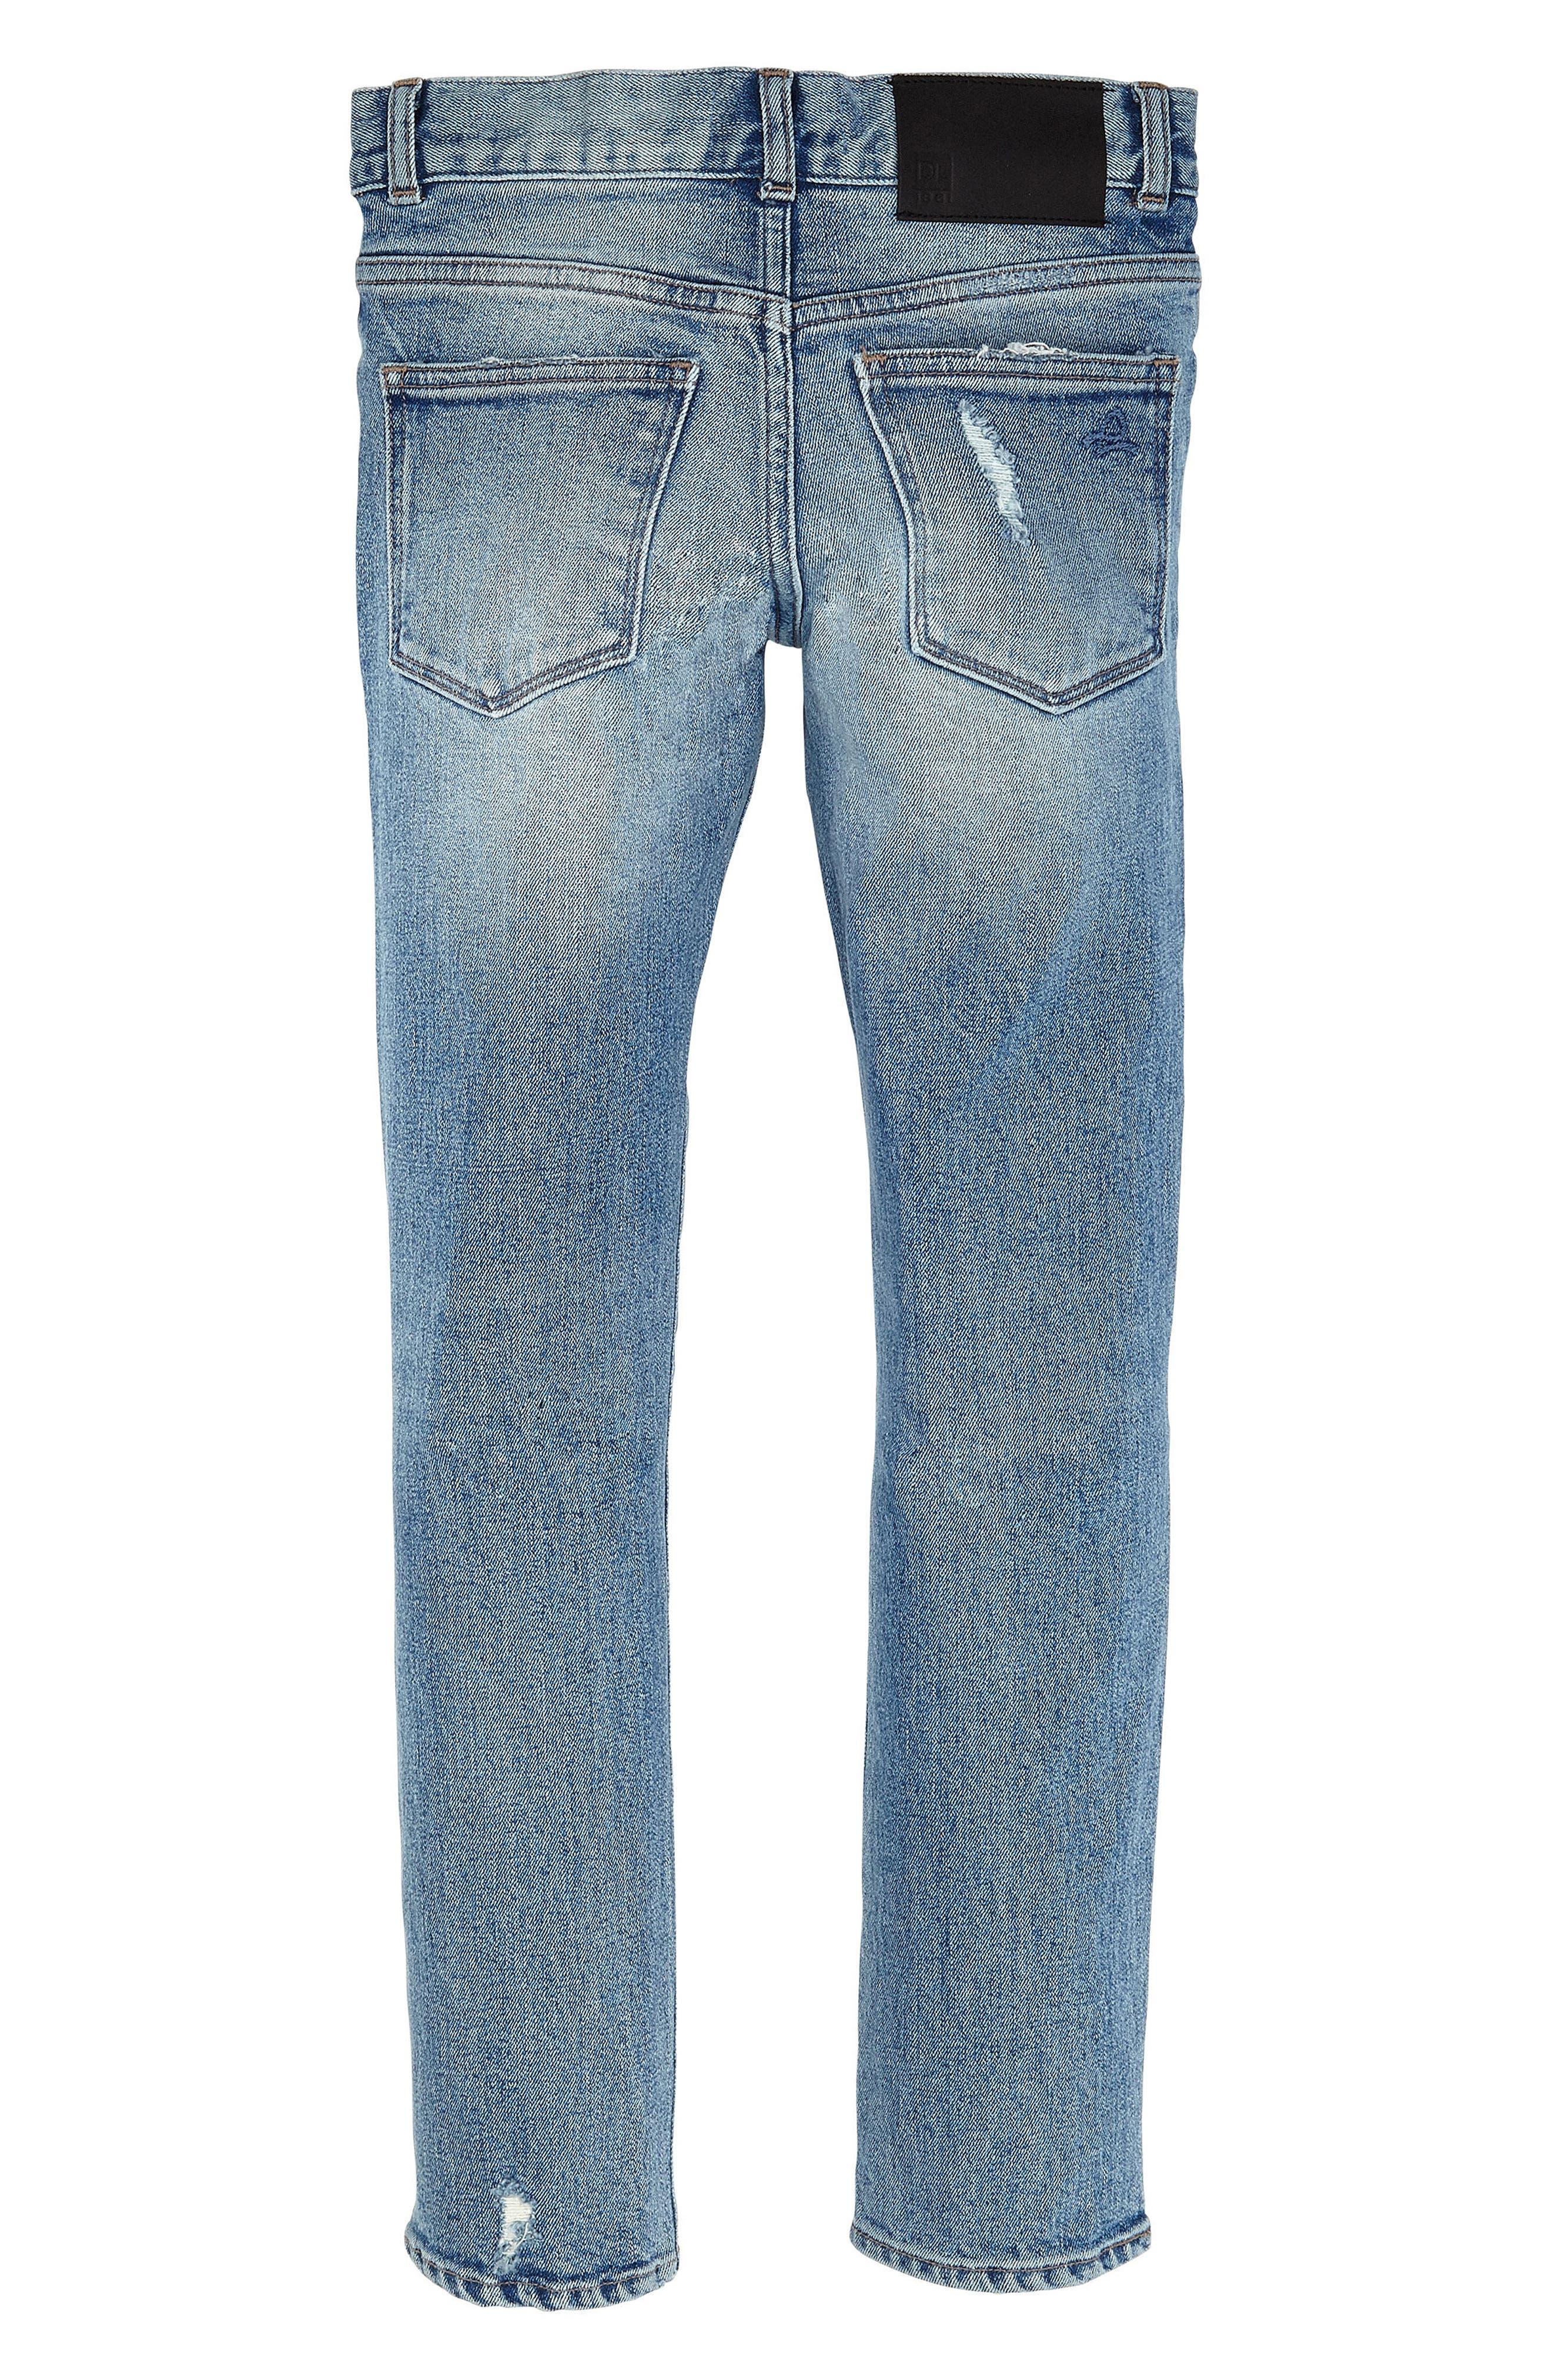 Hawke Skinny Fit Rip and Repair Jeans,                             Alternate thumbnail 2, color,                             430